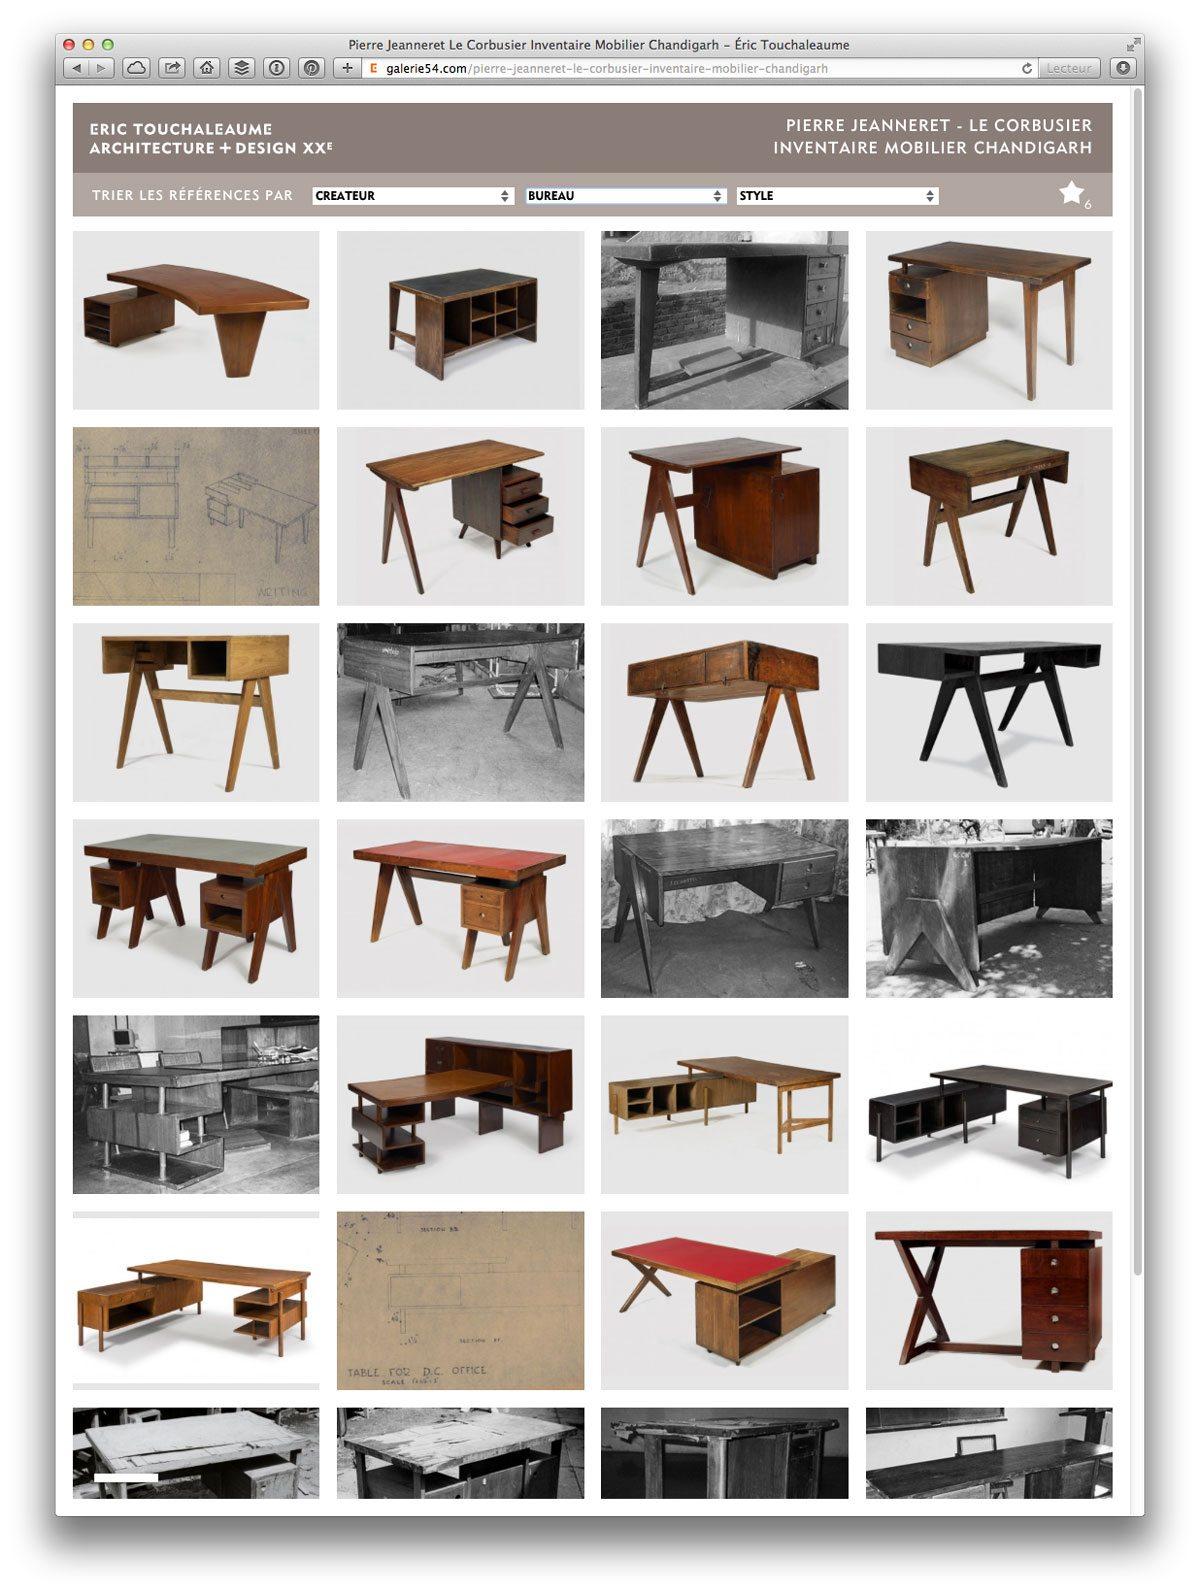 site galerie 54 grille rubrique inventaire de chandigargh recherche par bureau